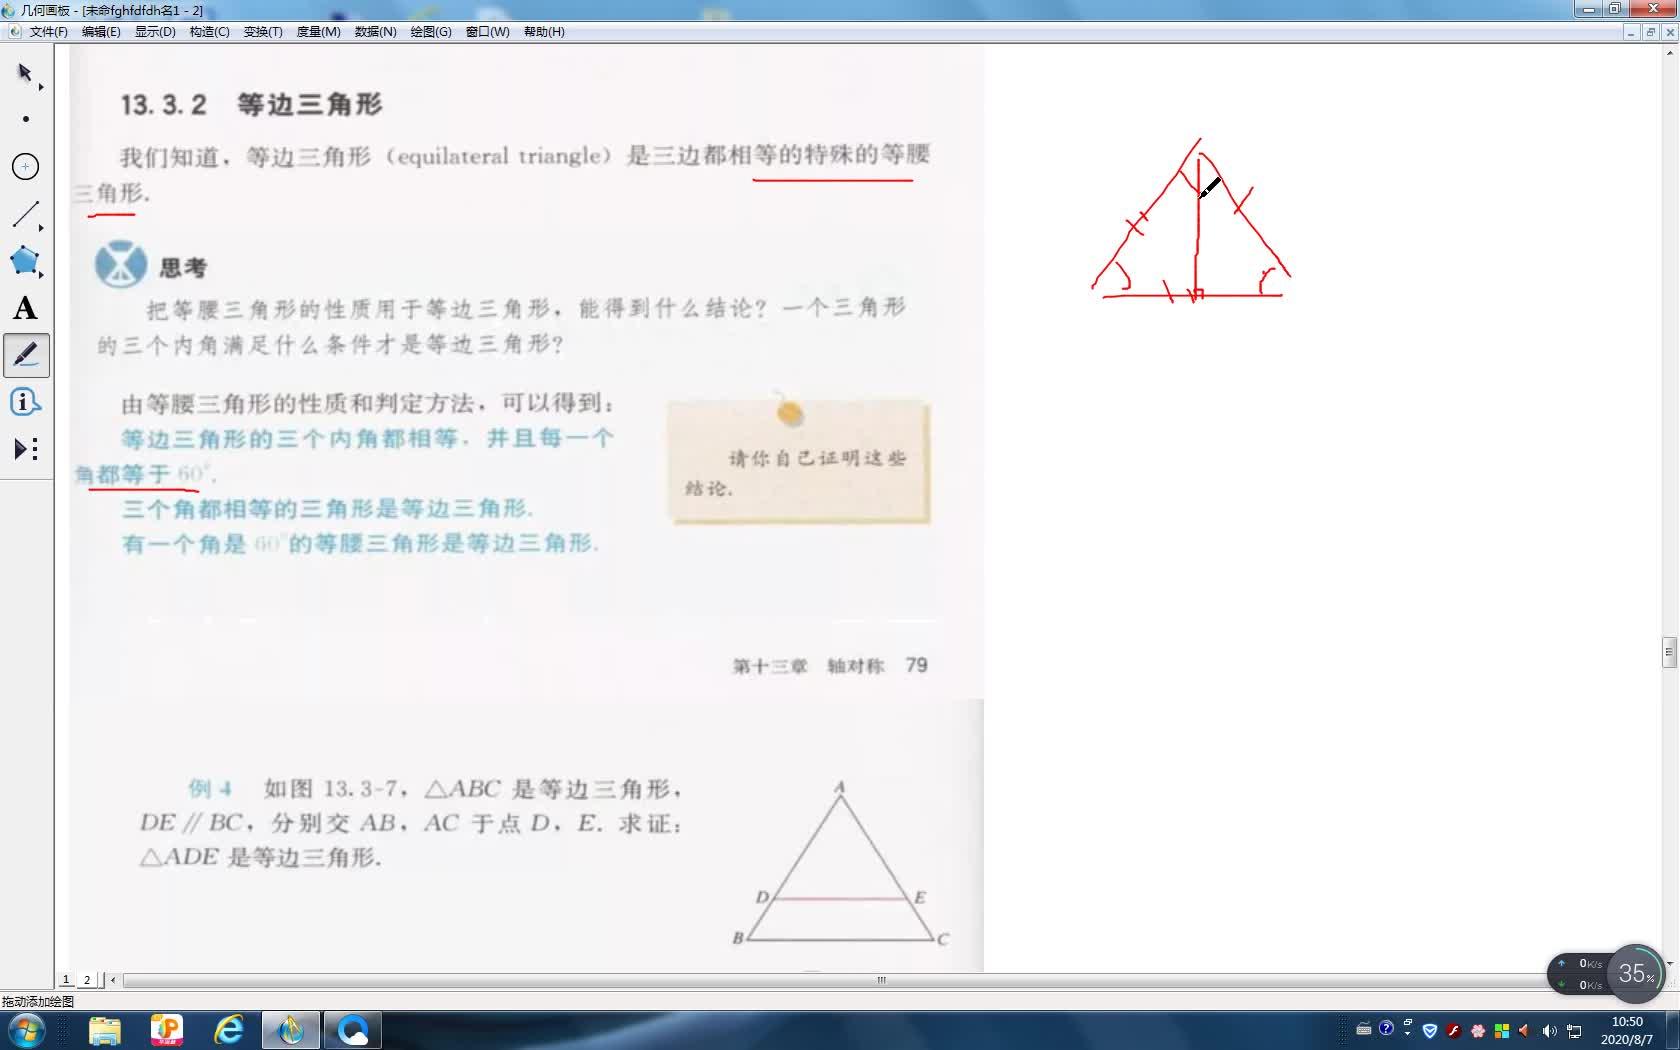 人教版八年级上册  13.3.1等腰三角形(3)  视频讲解人教版八年级上册  13.3.1等腰三角形(3)  视频讲解